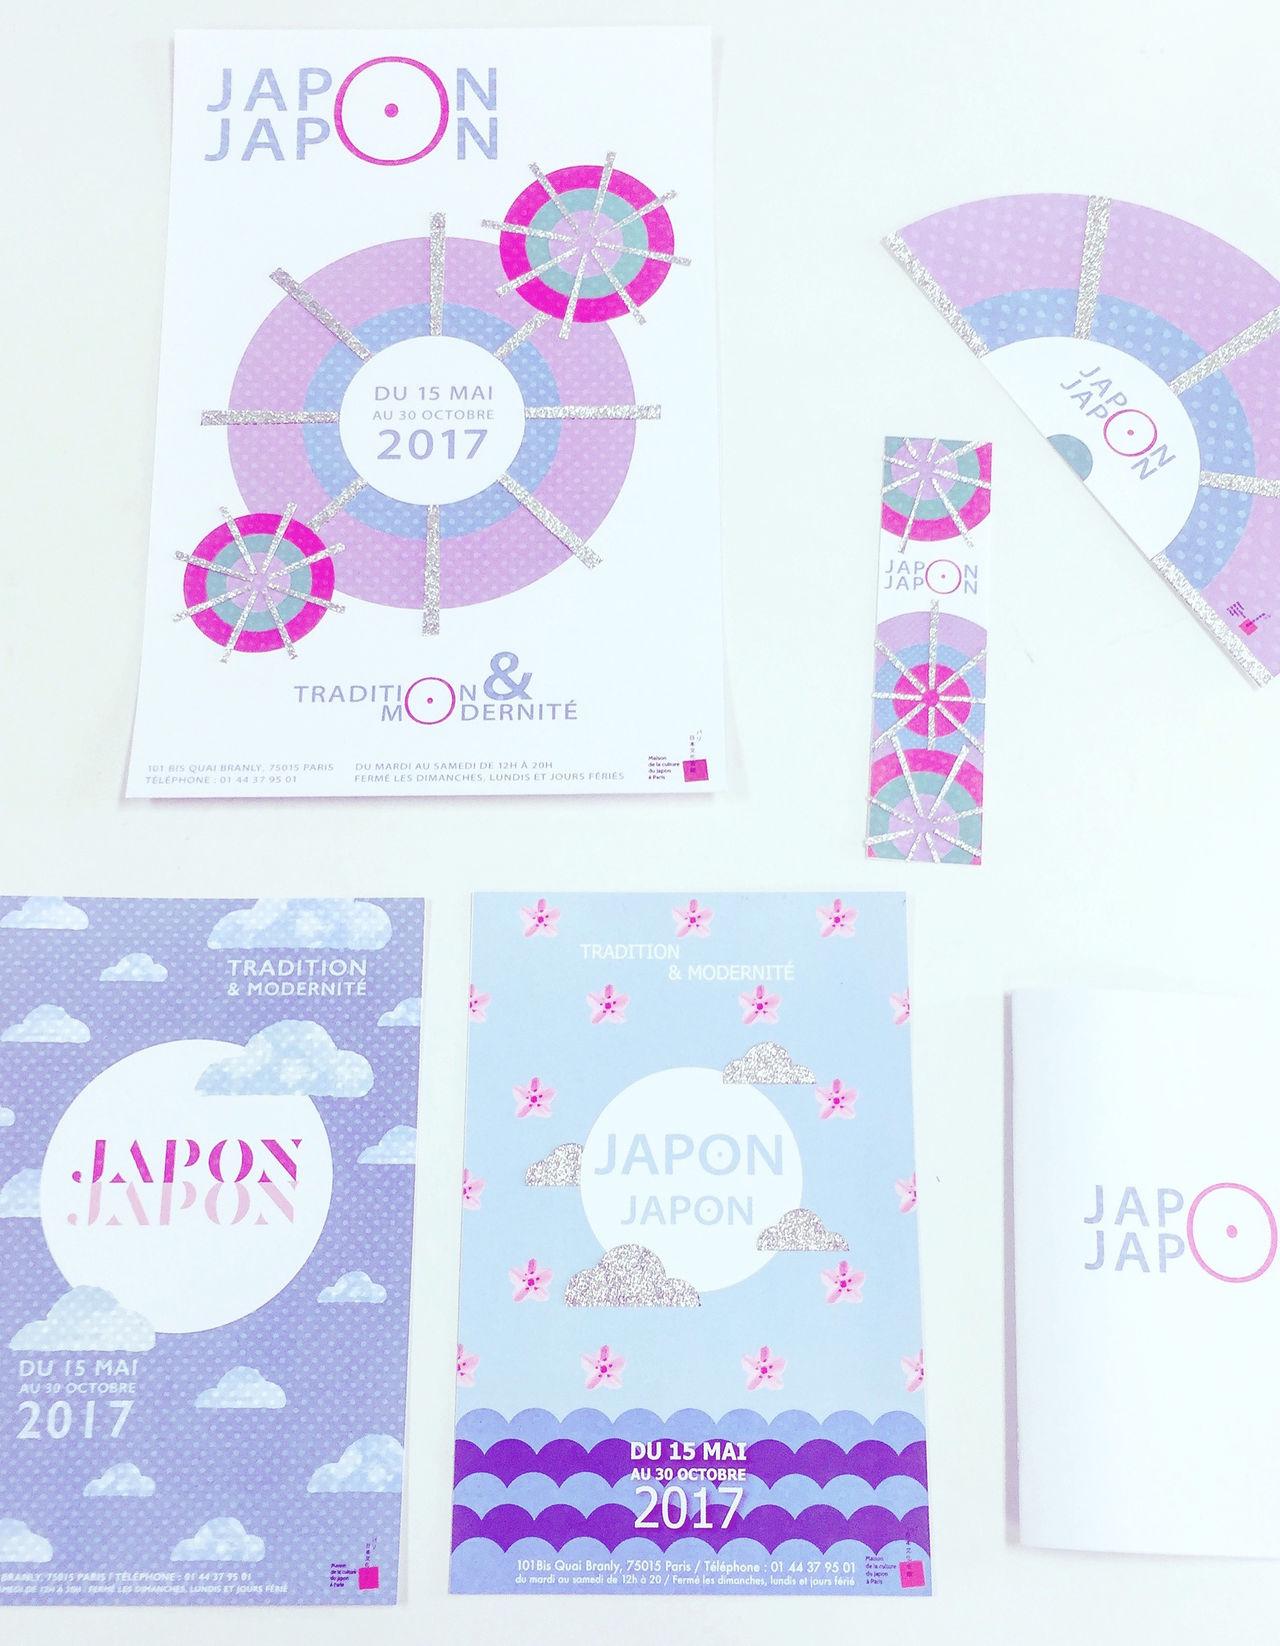 Japon - Japon